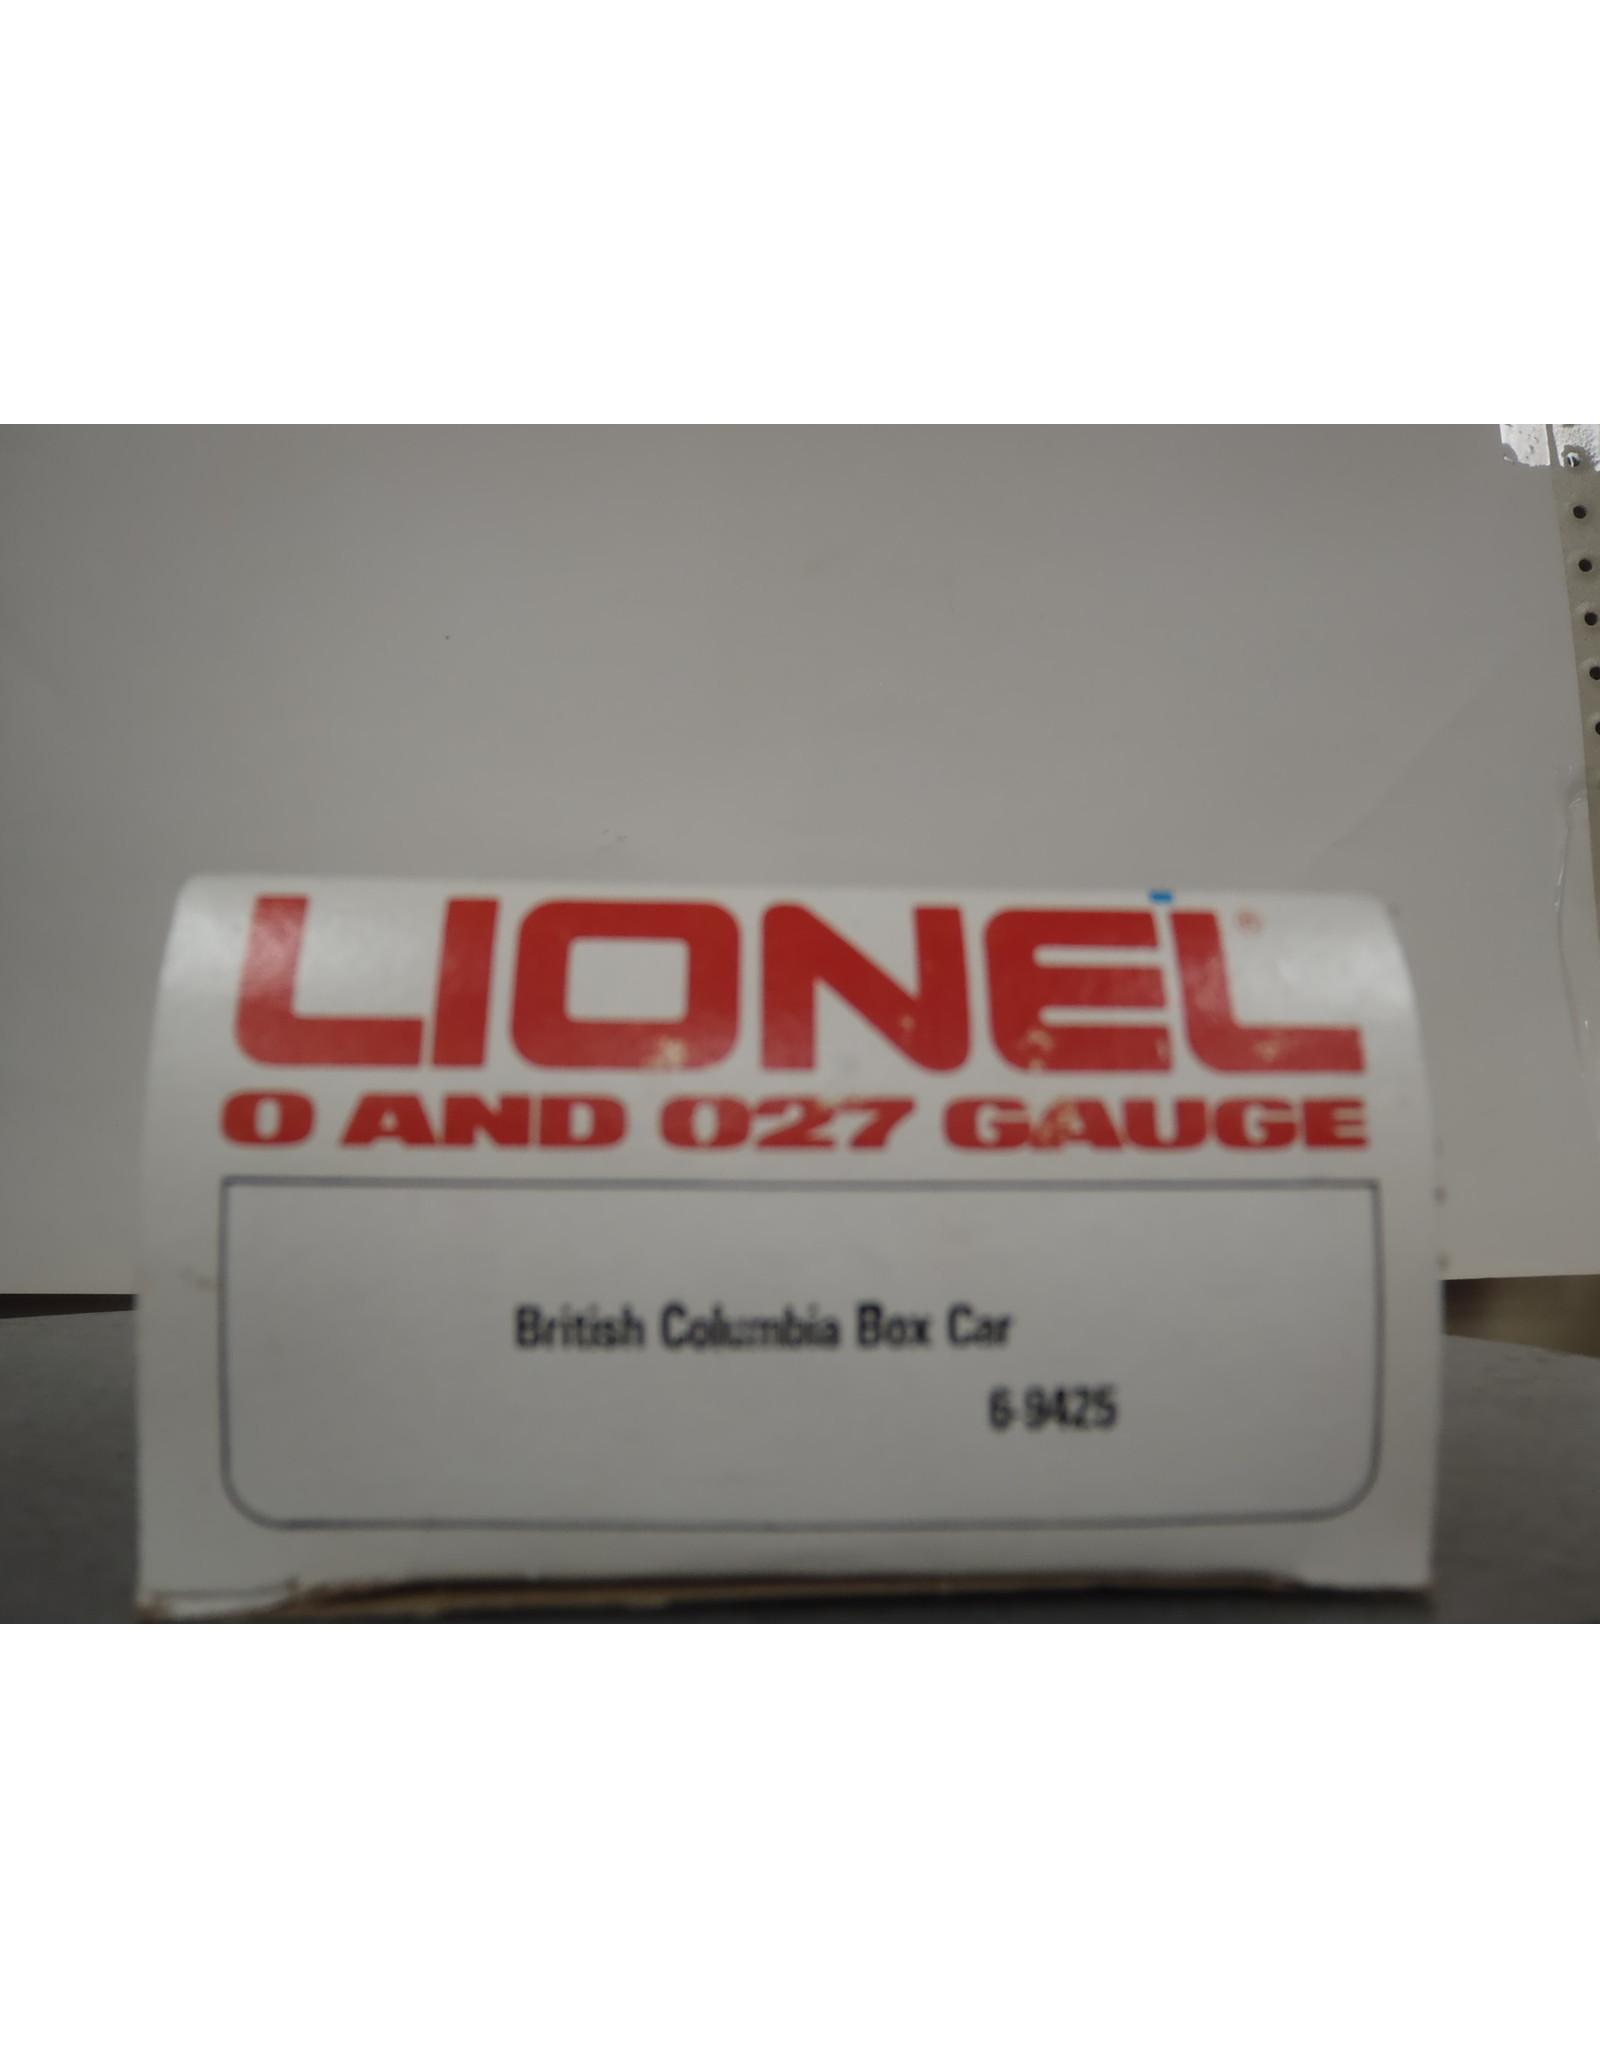 Lionel Boxcar Brithish Columbia 9425